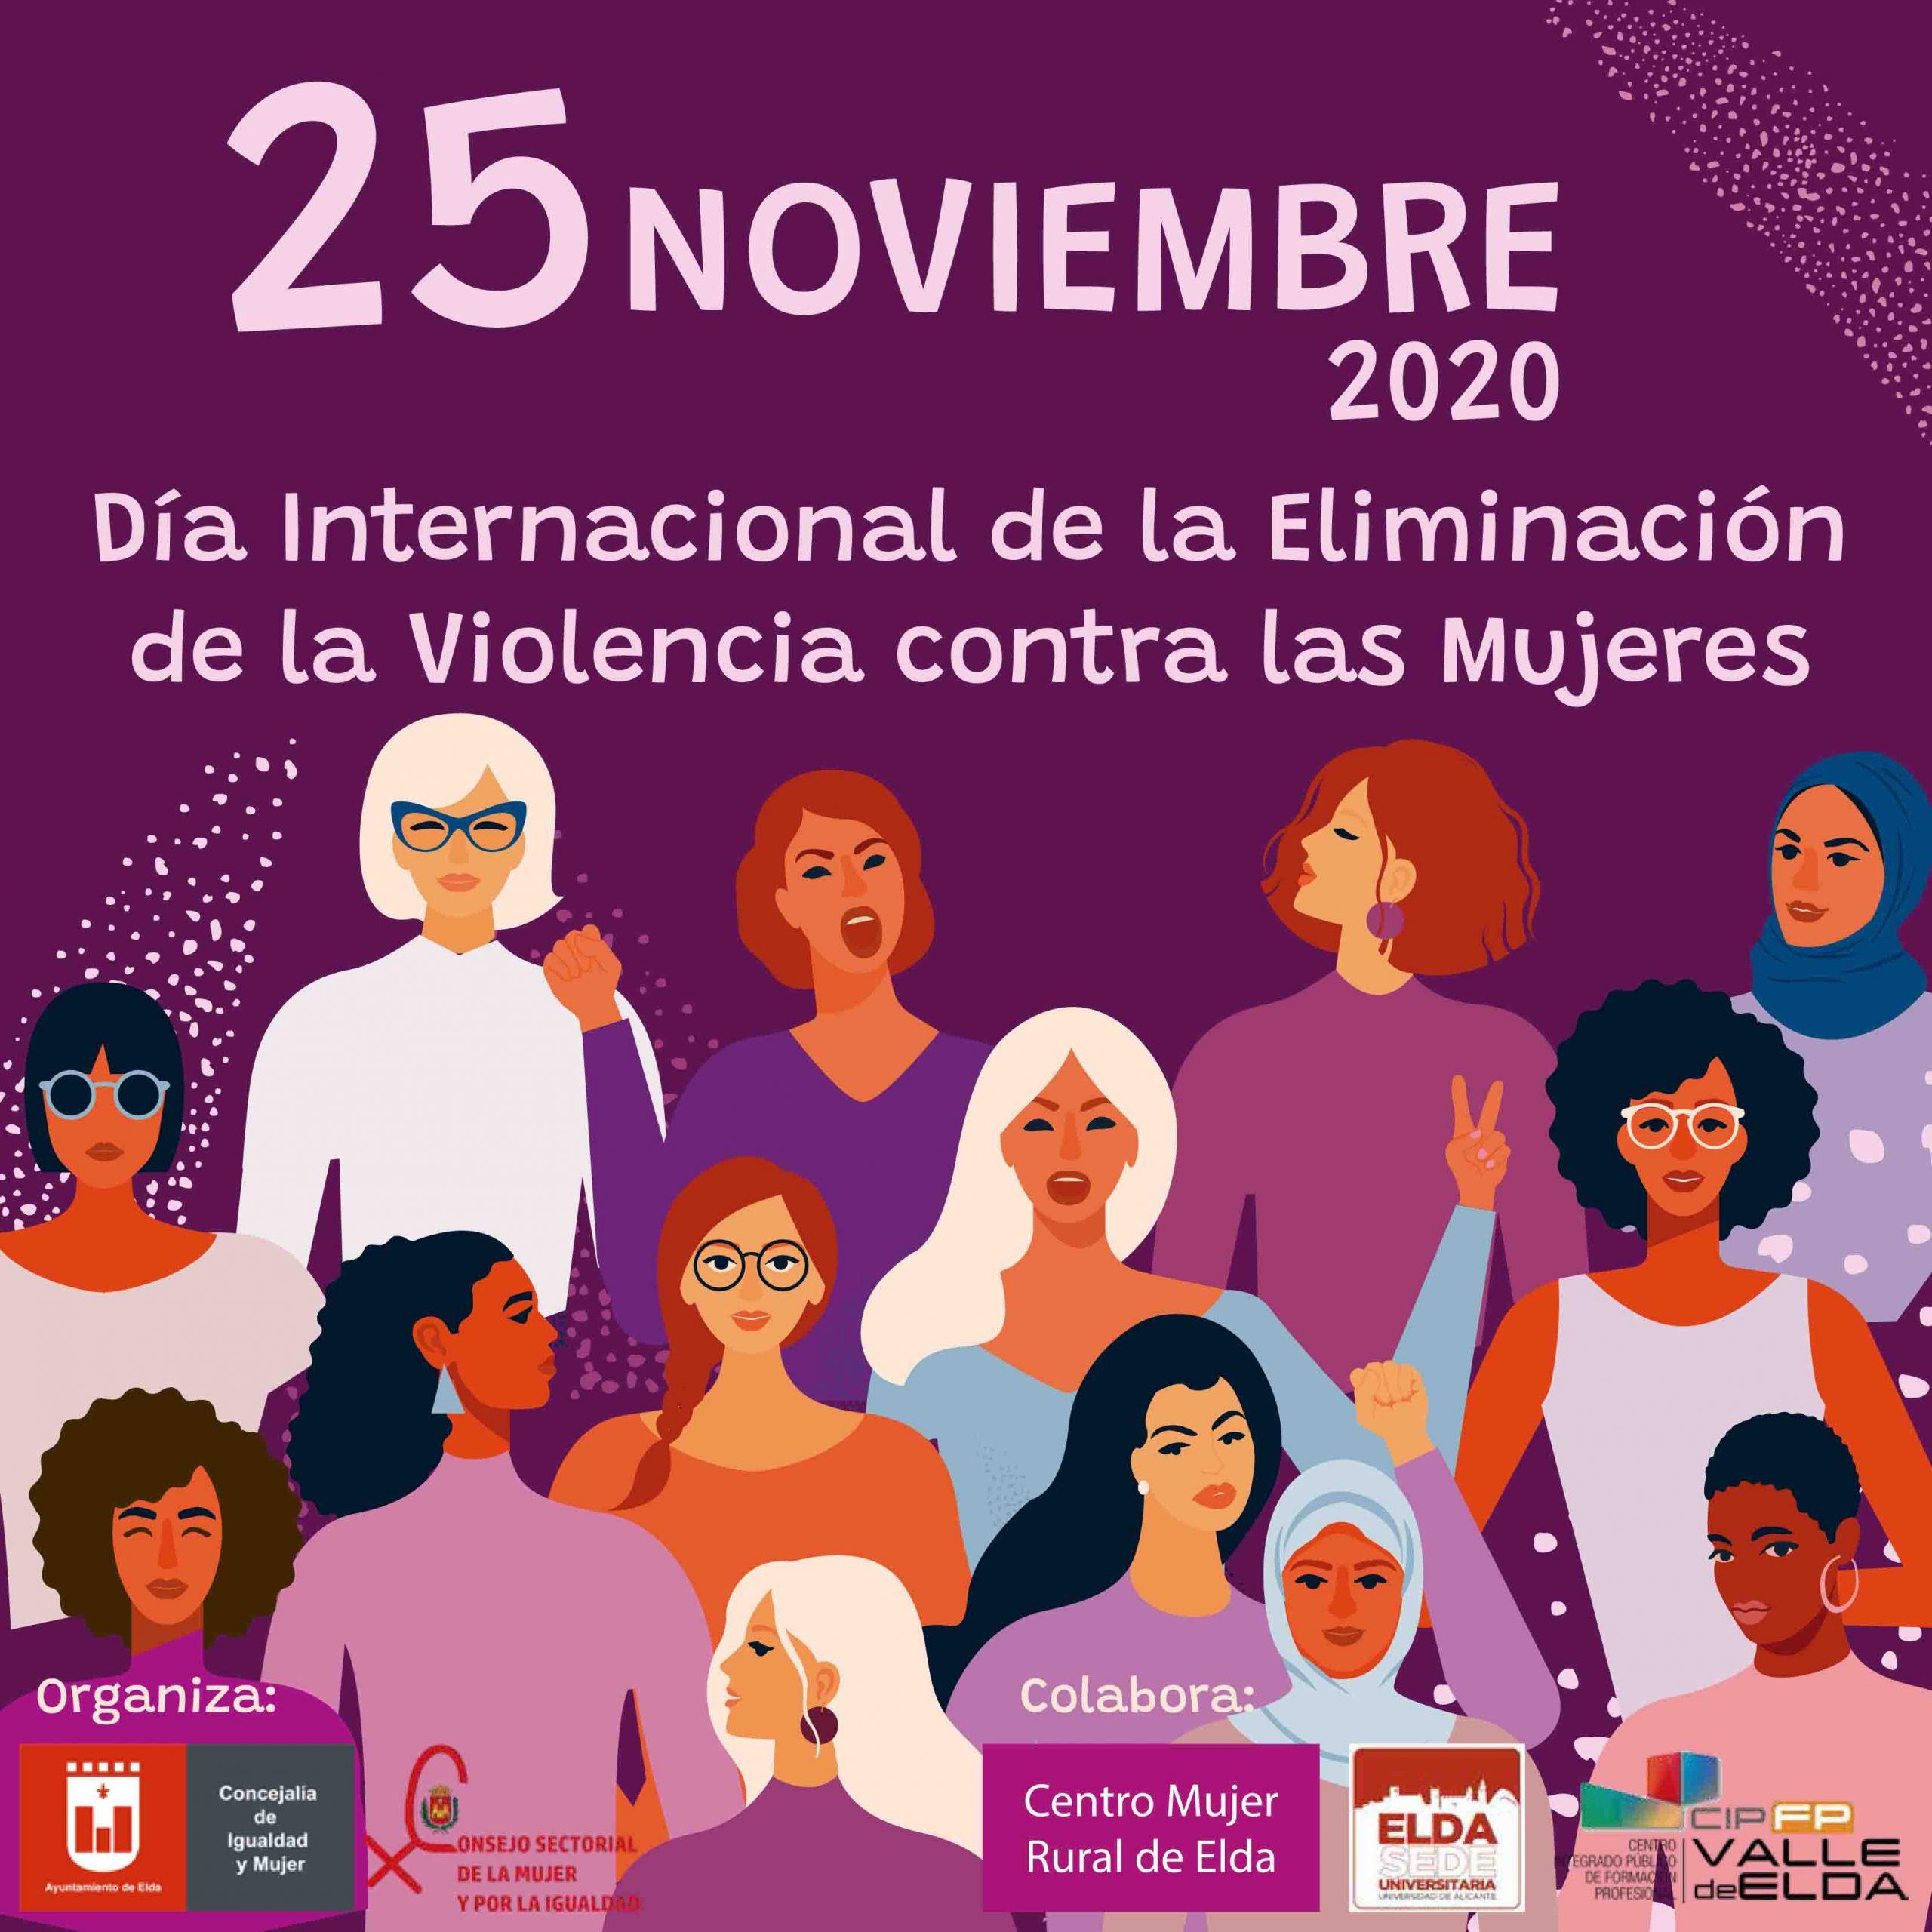 Actividades de la Concejalía de Igualdad y Mujer del Ayuntamiento de Elda por el Día Internacional de la Eliminación de la Violencia contra la Mujer